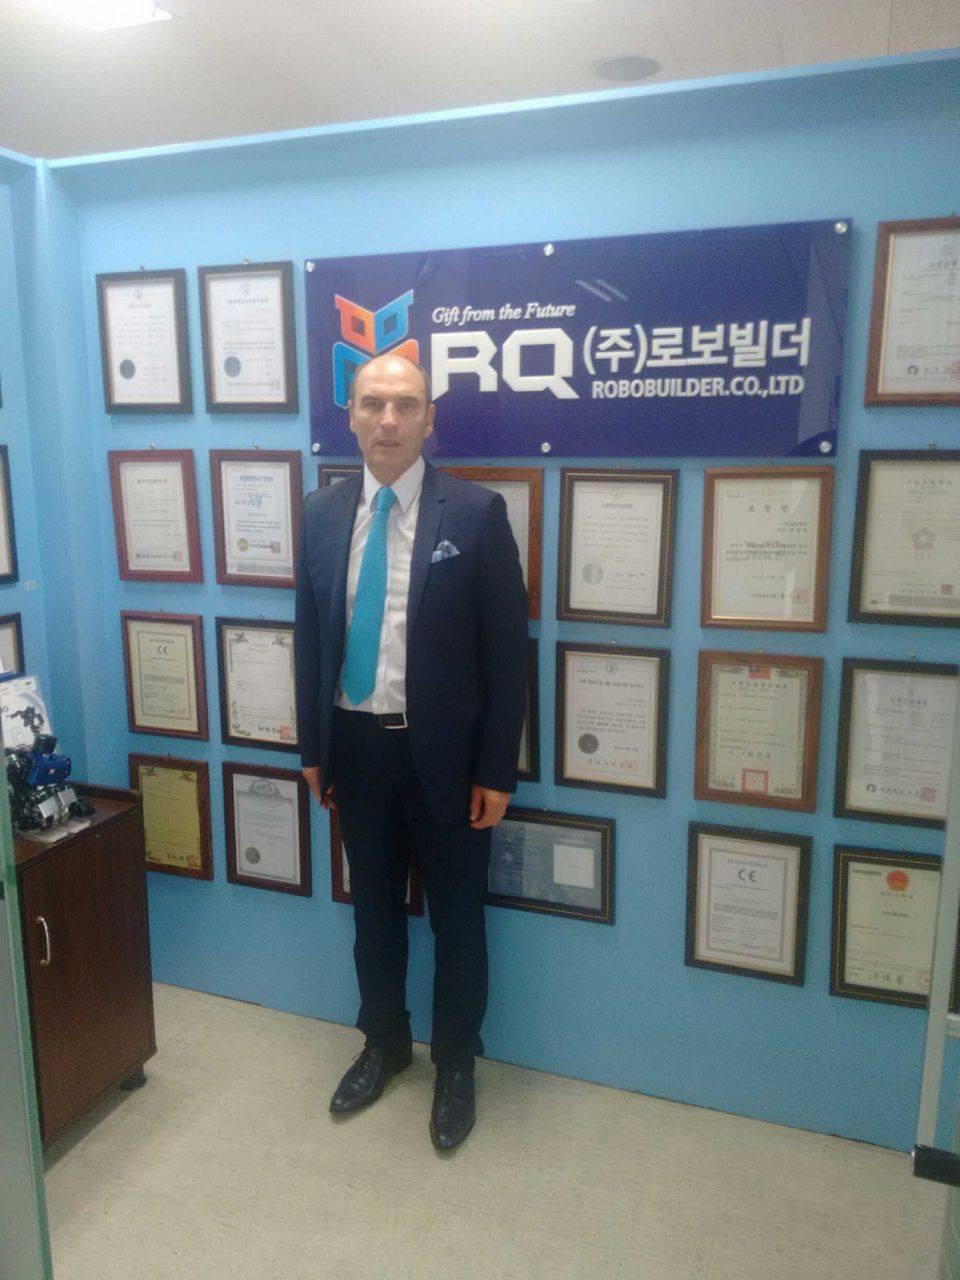 Le vice-président s'est rendu en Corée pour rencontrer les représentants de la marque Robobuilder